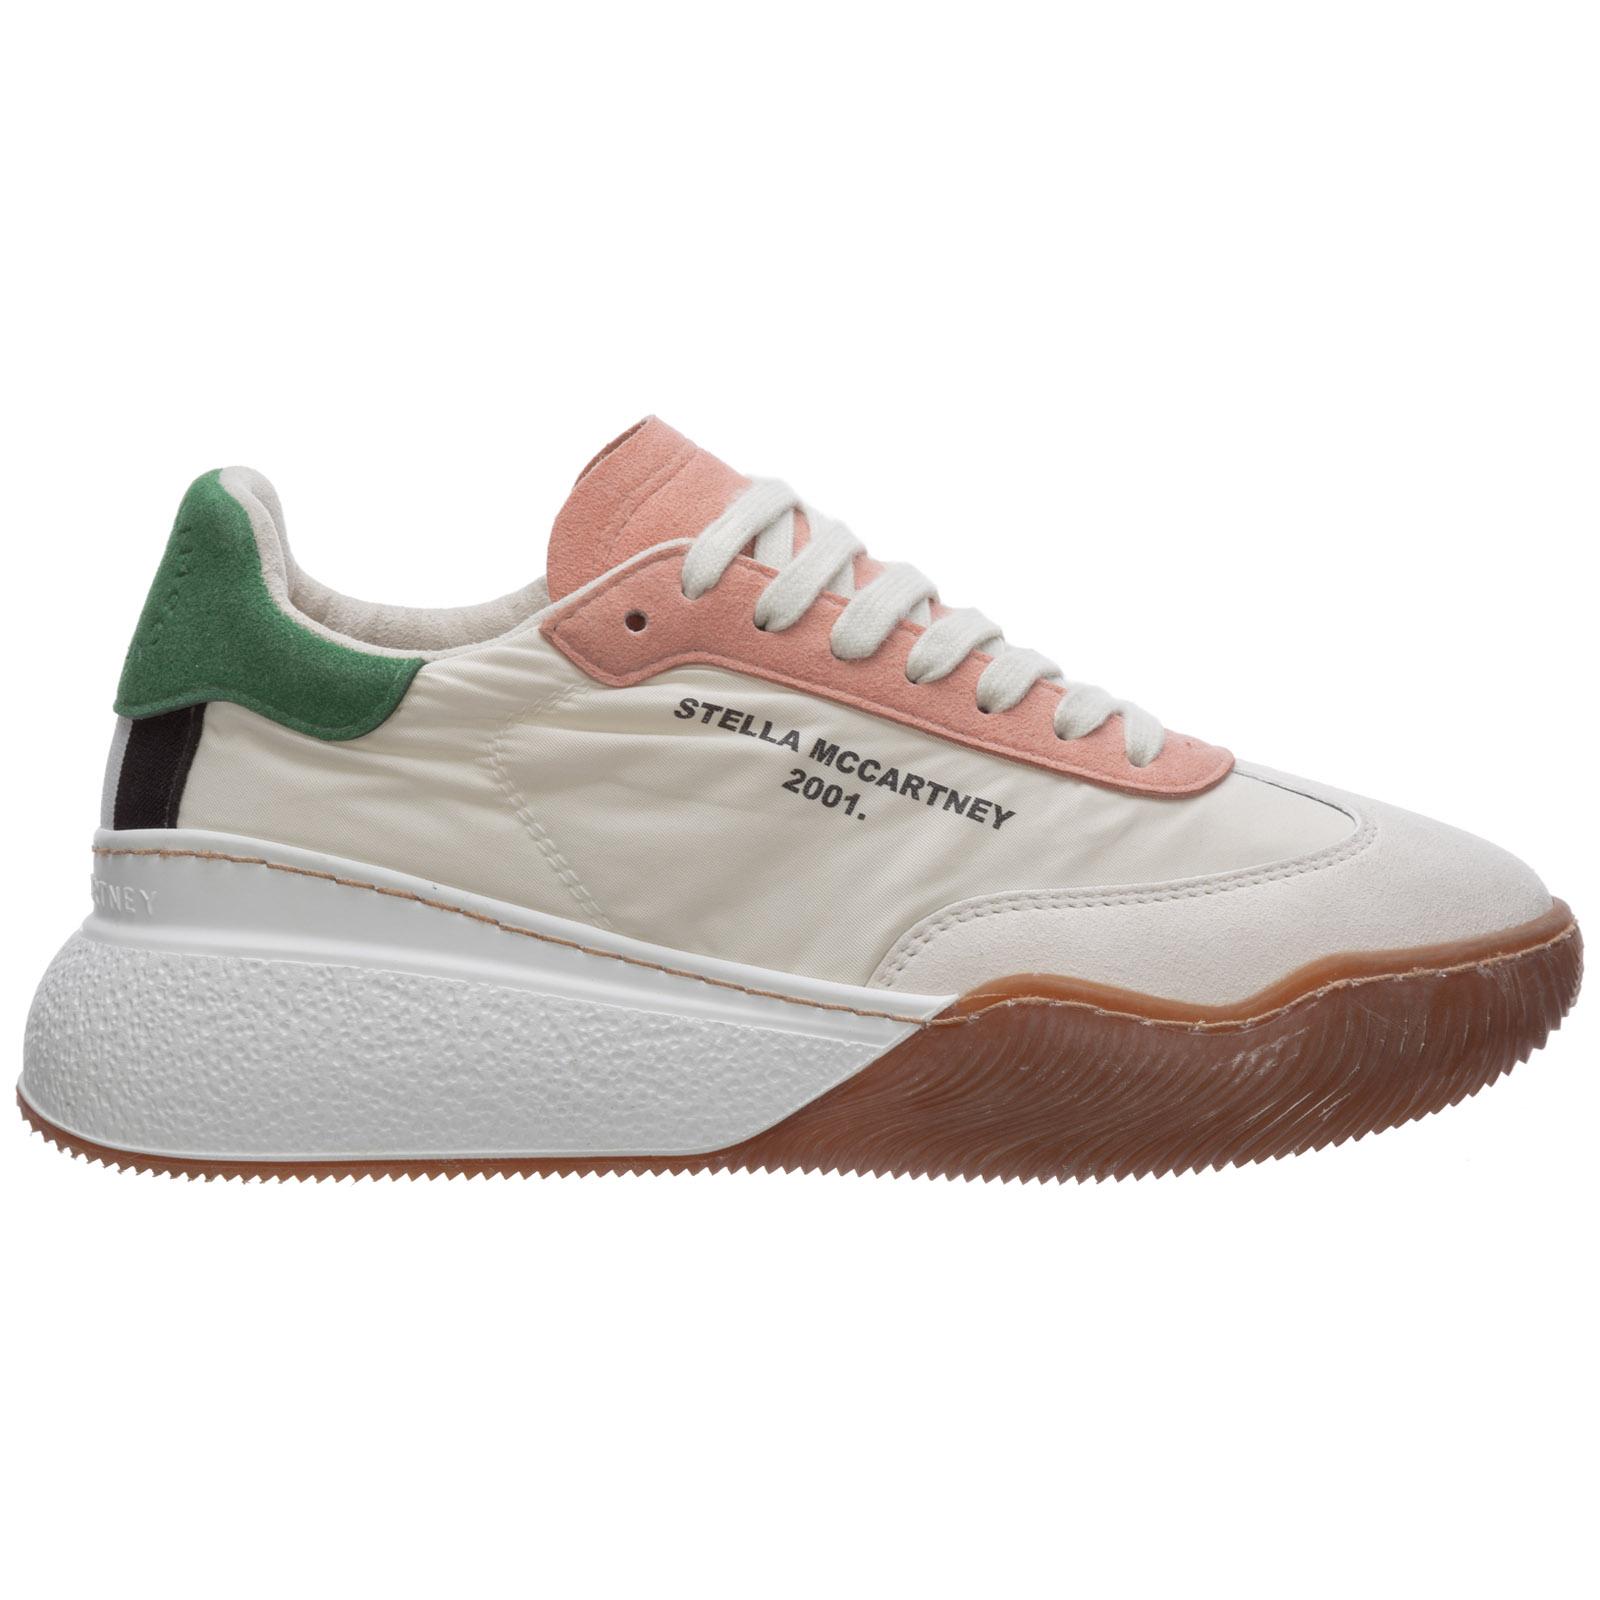 Sneakers Stella Mccartney loop